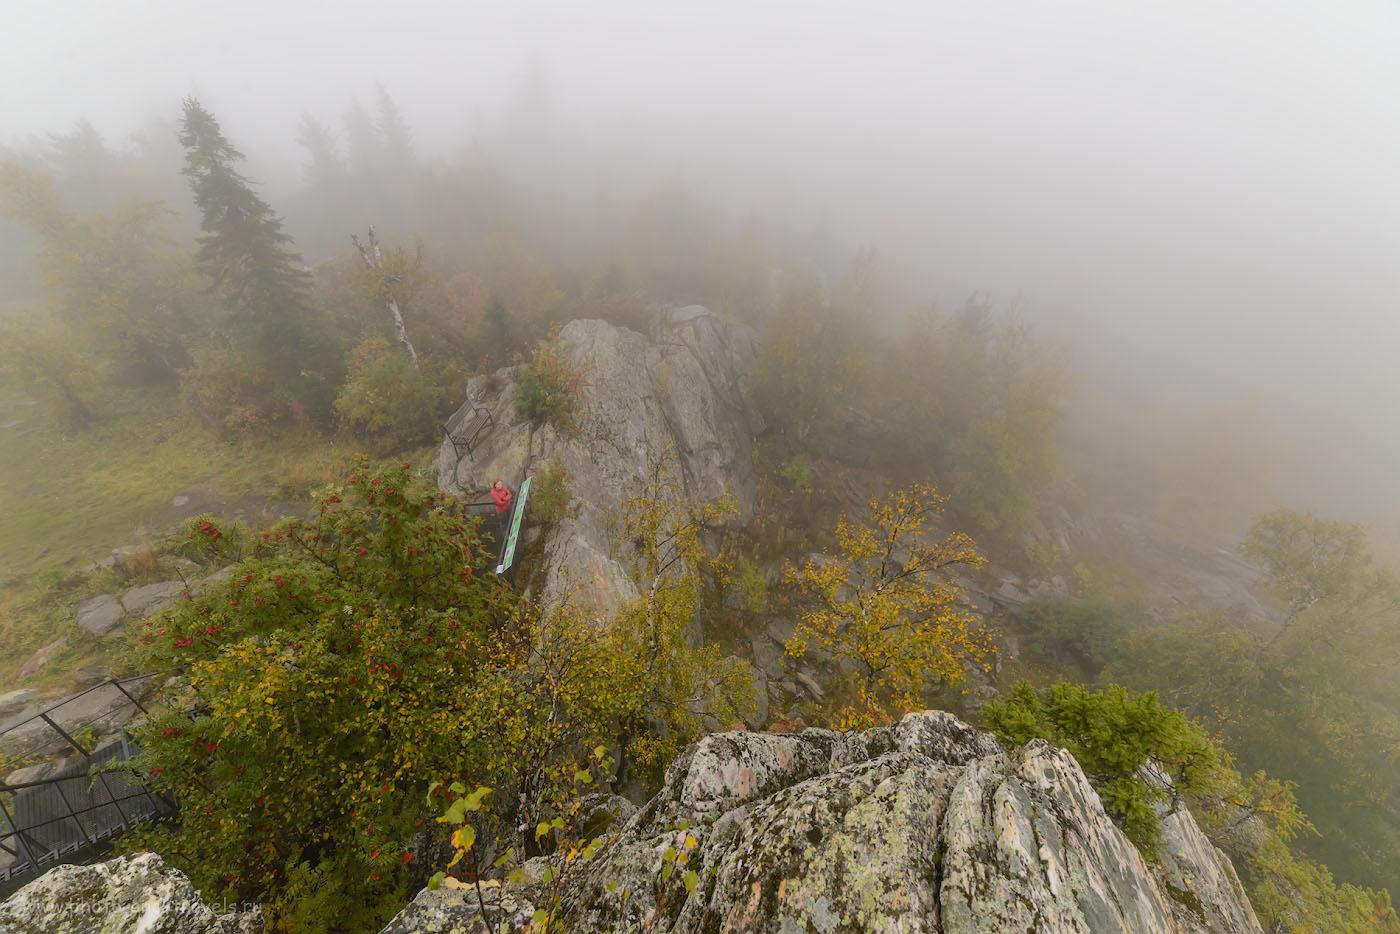 Фотография 17. Сказочный мир «Таганая». Несмотря на туман, удовольствие от похода на Черную скалу неимоверное. 1/320, -1.67, 9.0, 640, 14